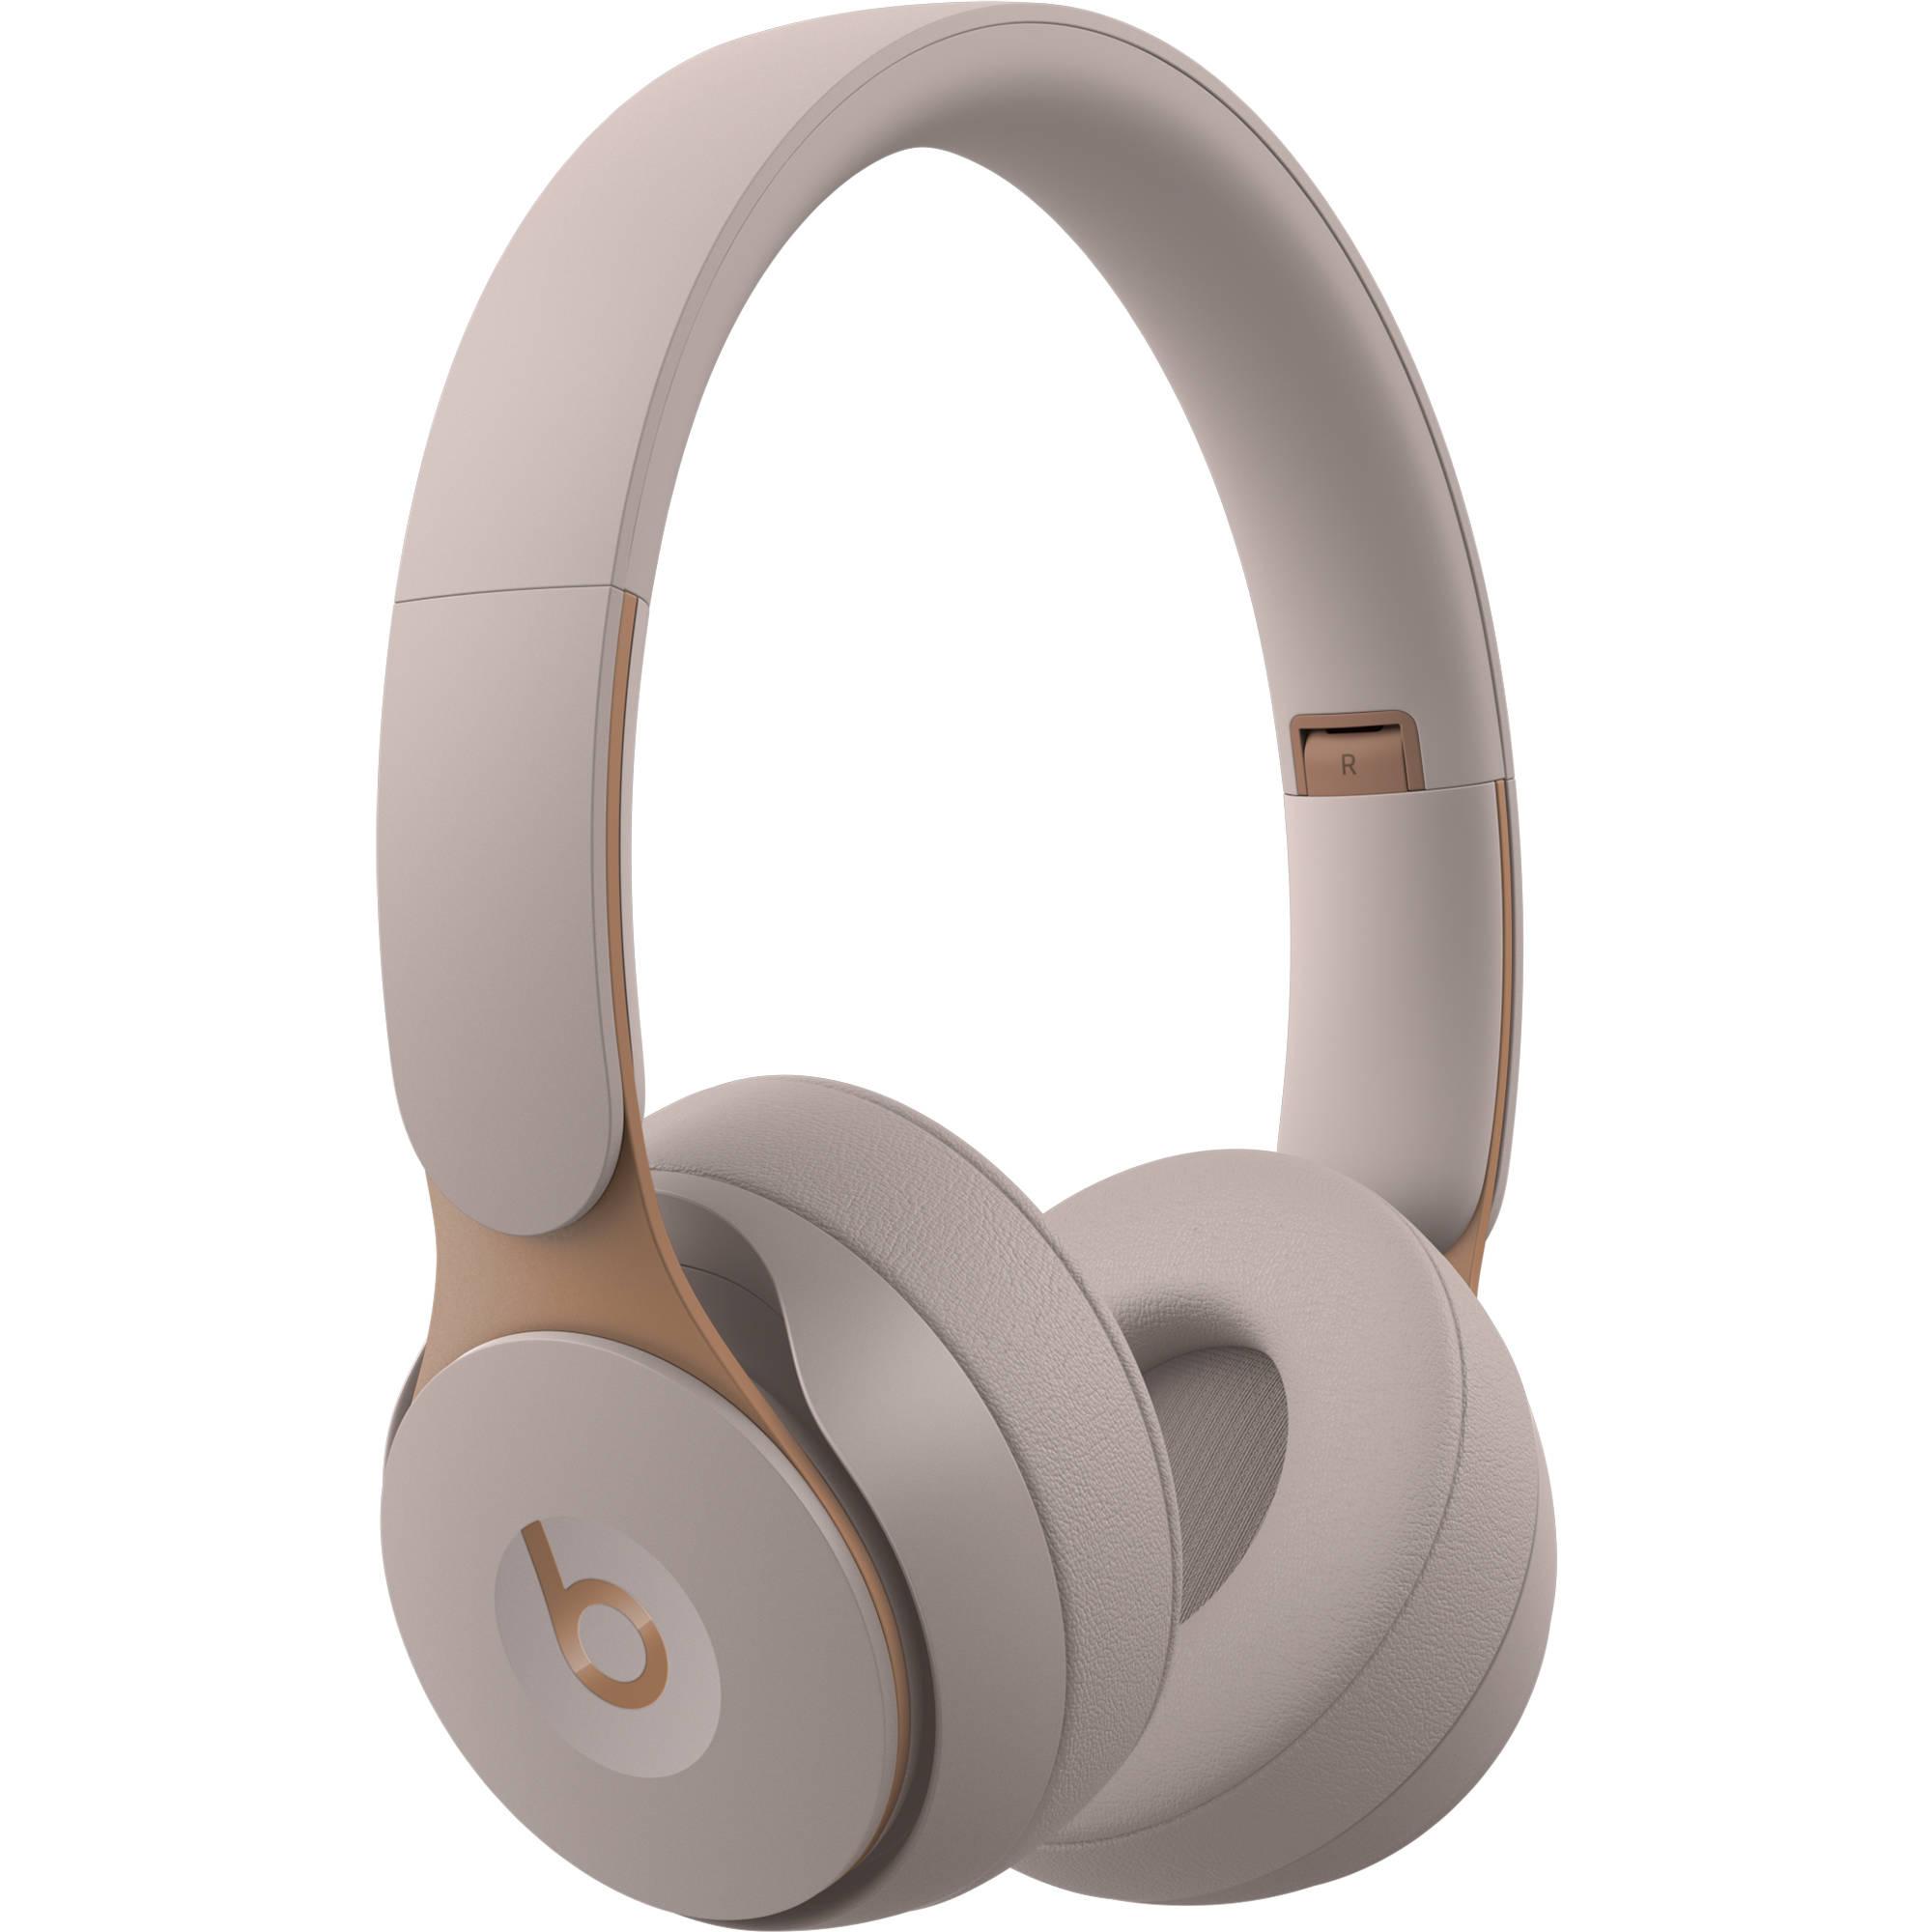 Beats By Dr Dre Solo Pro Wireless Noise Canceling Mrj82lla B H